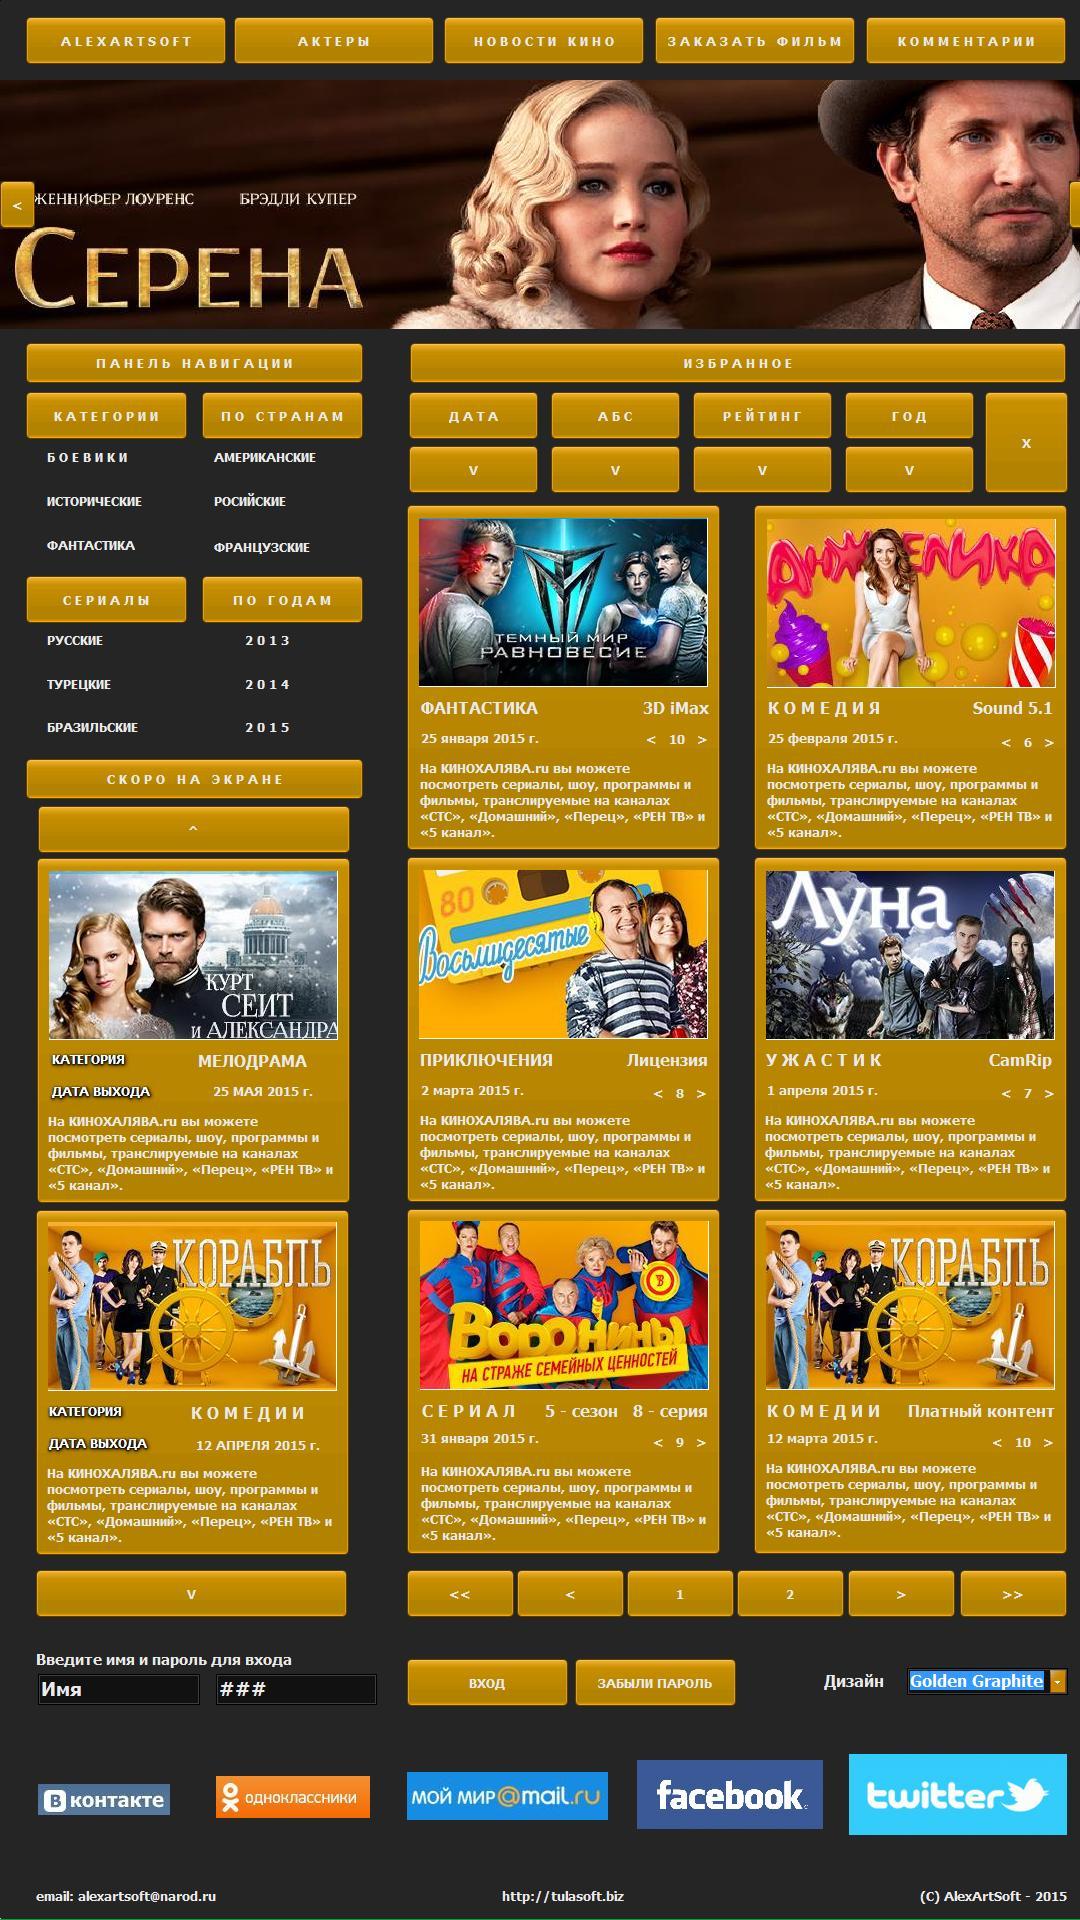 Дизайн онлайн кинотеатра